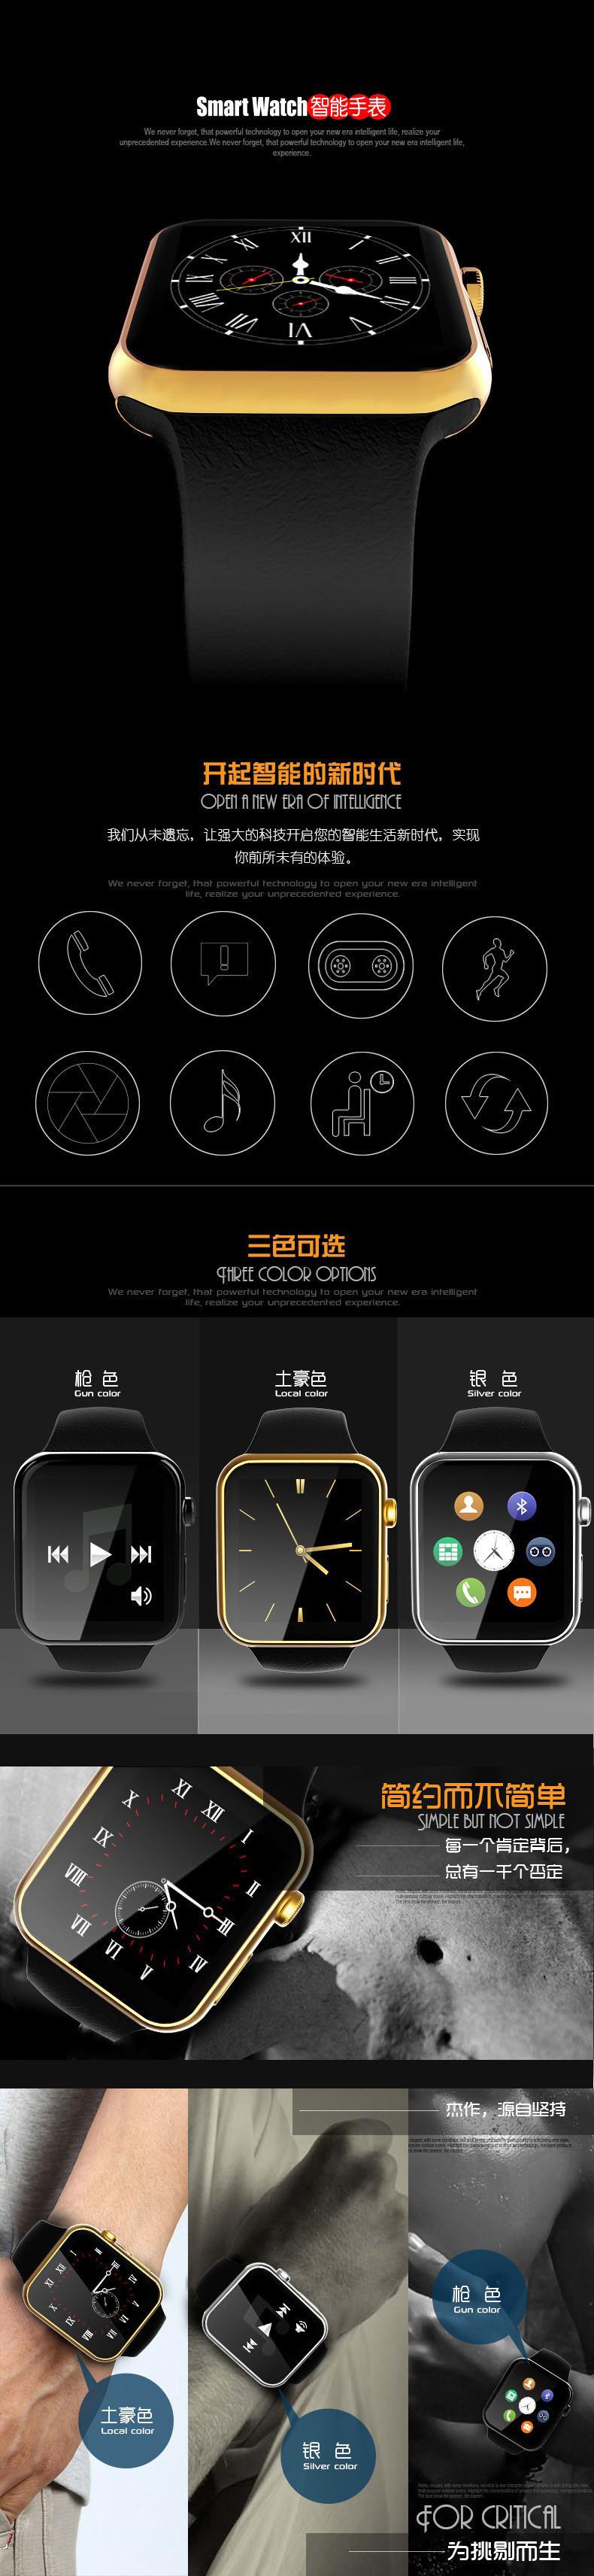 ถูก 2015ใหม่s mart w atch a9บลูทูธsmart watchสำหรับapple iphone & samsungโทรศัพท์a ndroid relógio inteligente r elojนาฬิกามาร์ทโฟน